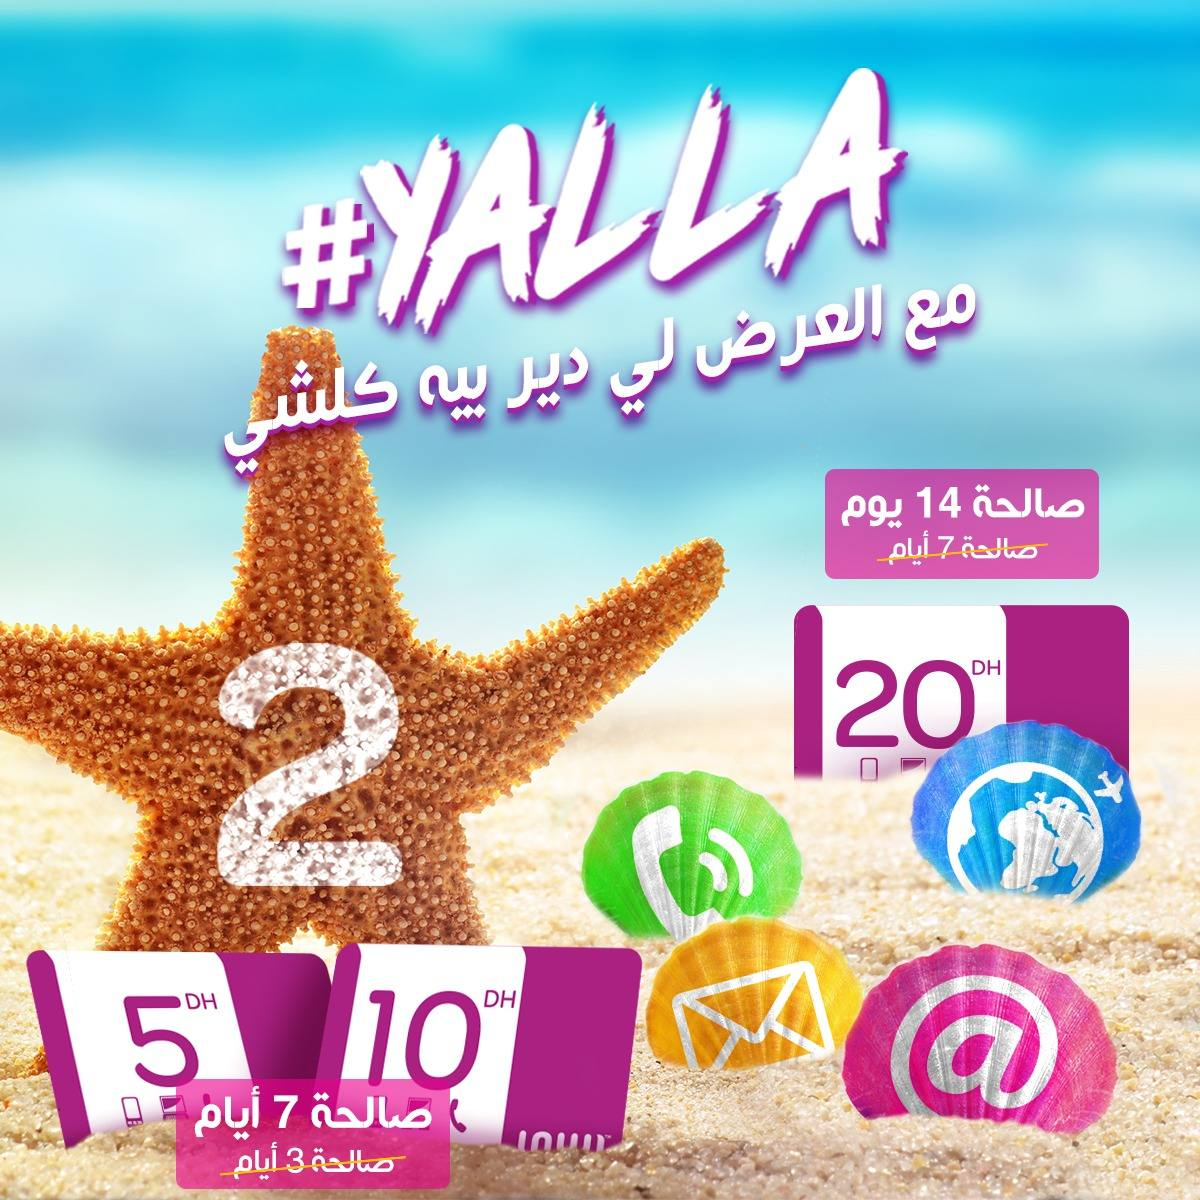 Offre Inwi Maroc Yalla Aout 2021